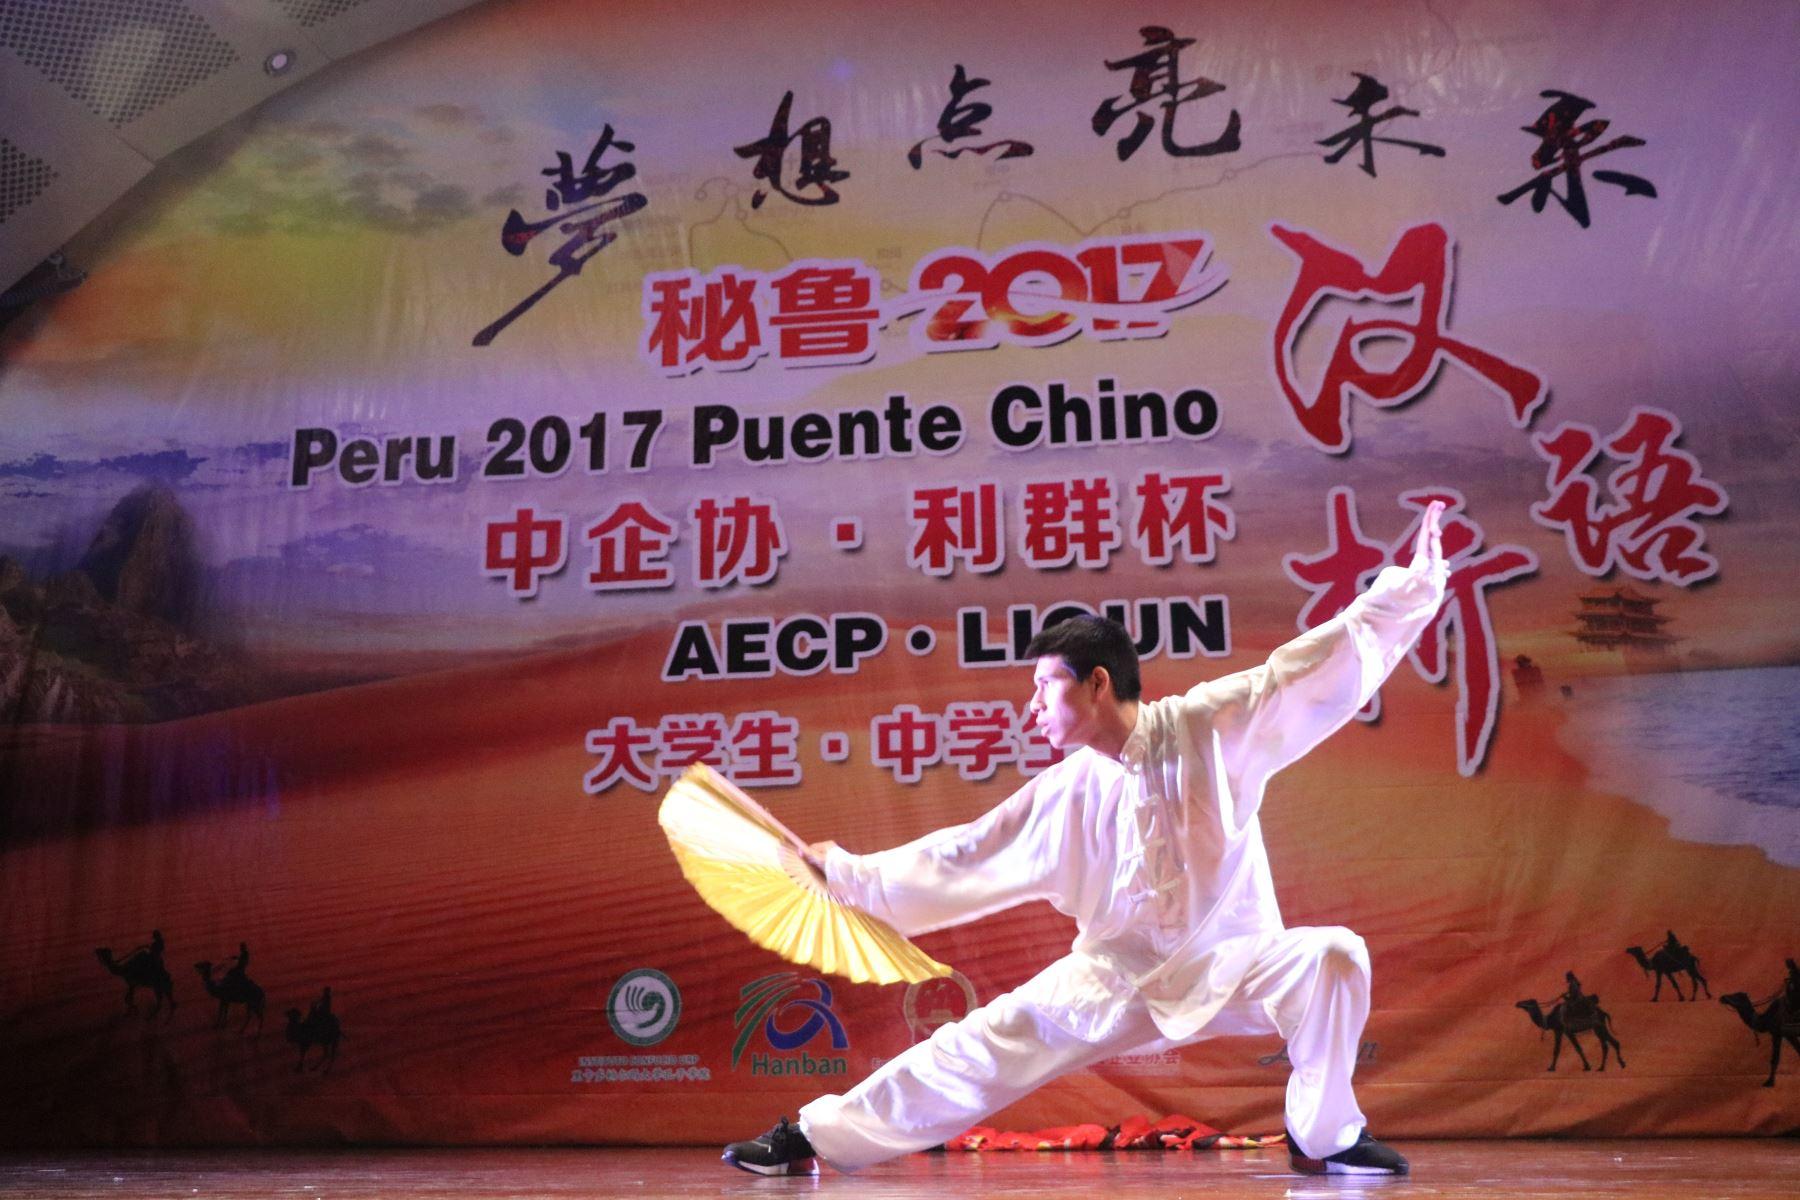 Muestra de cultura china.